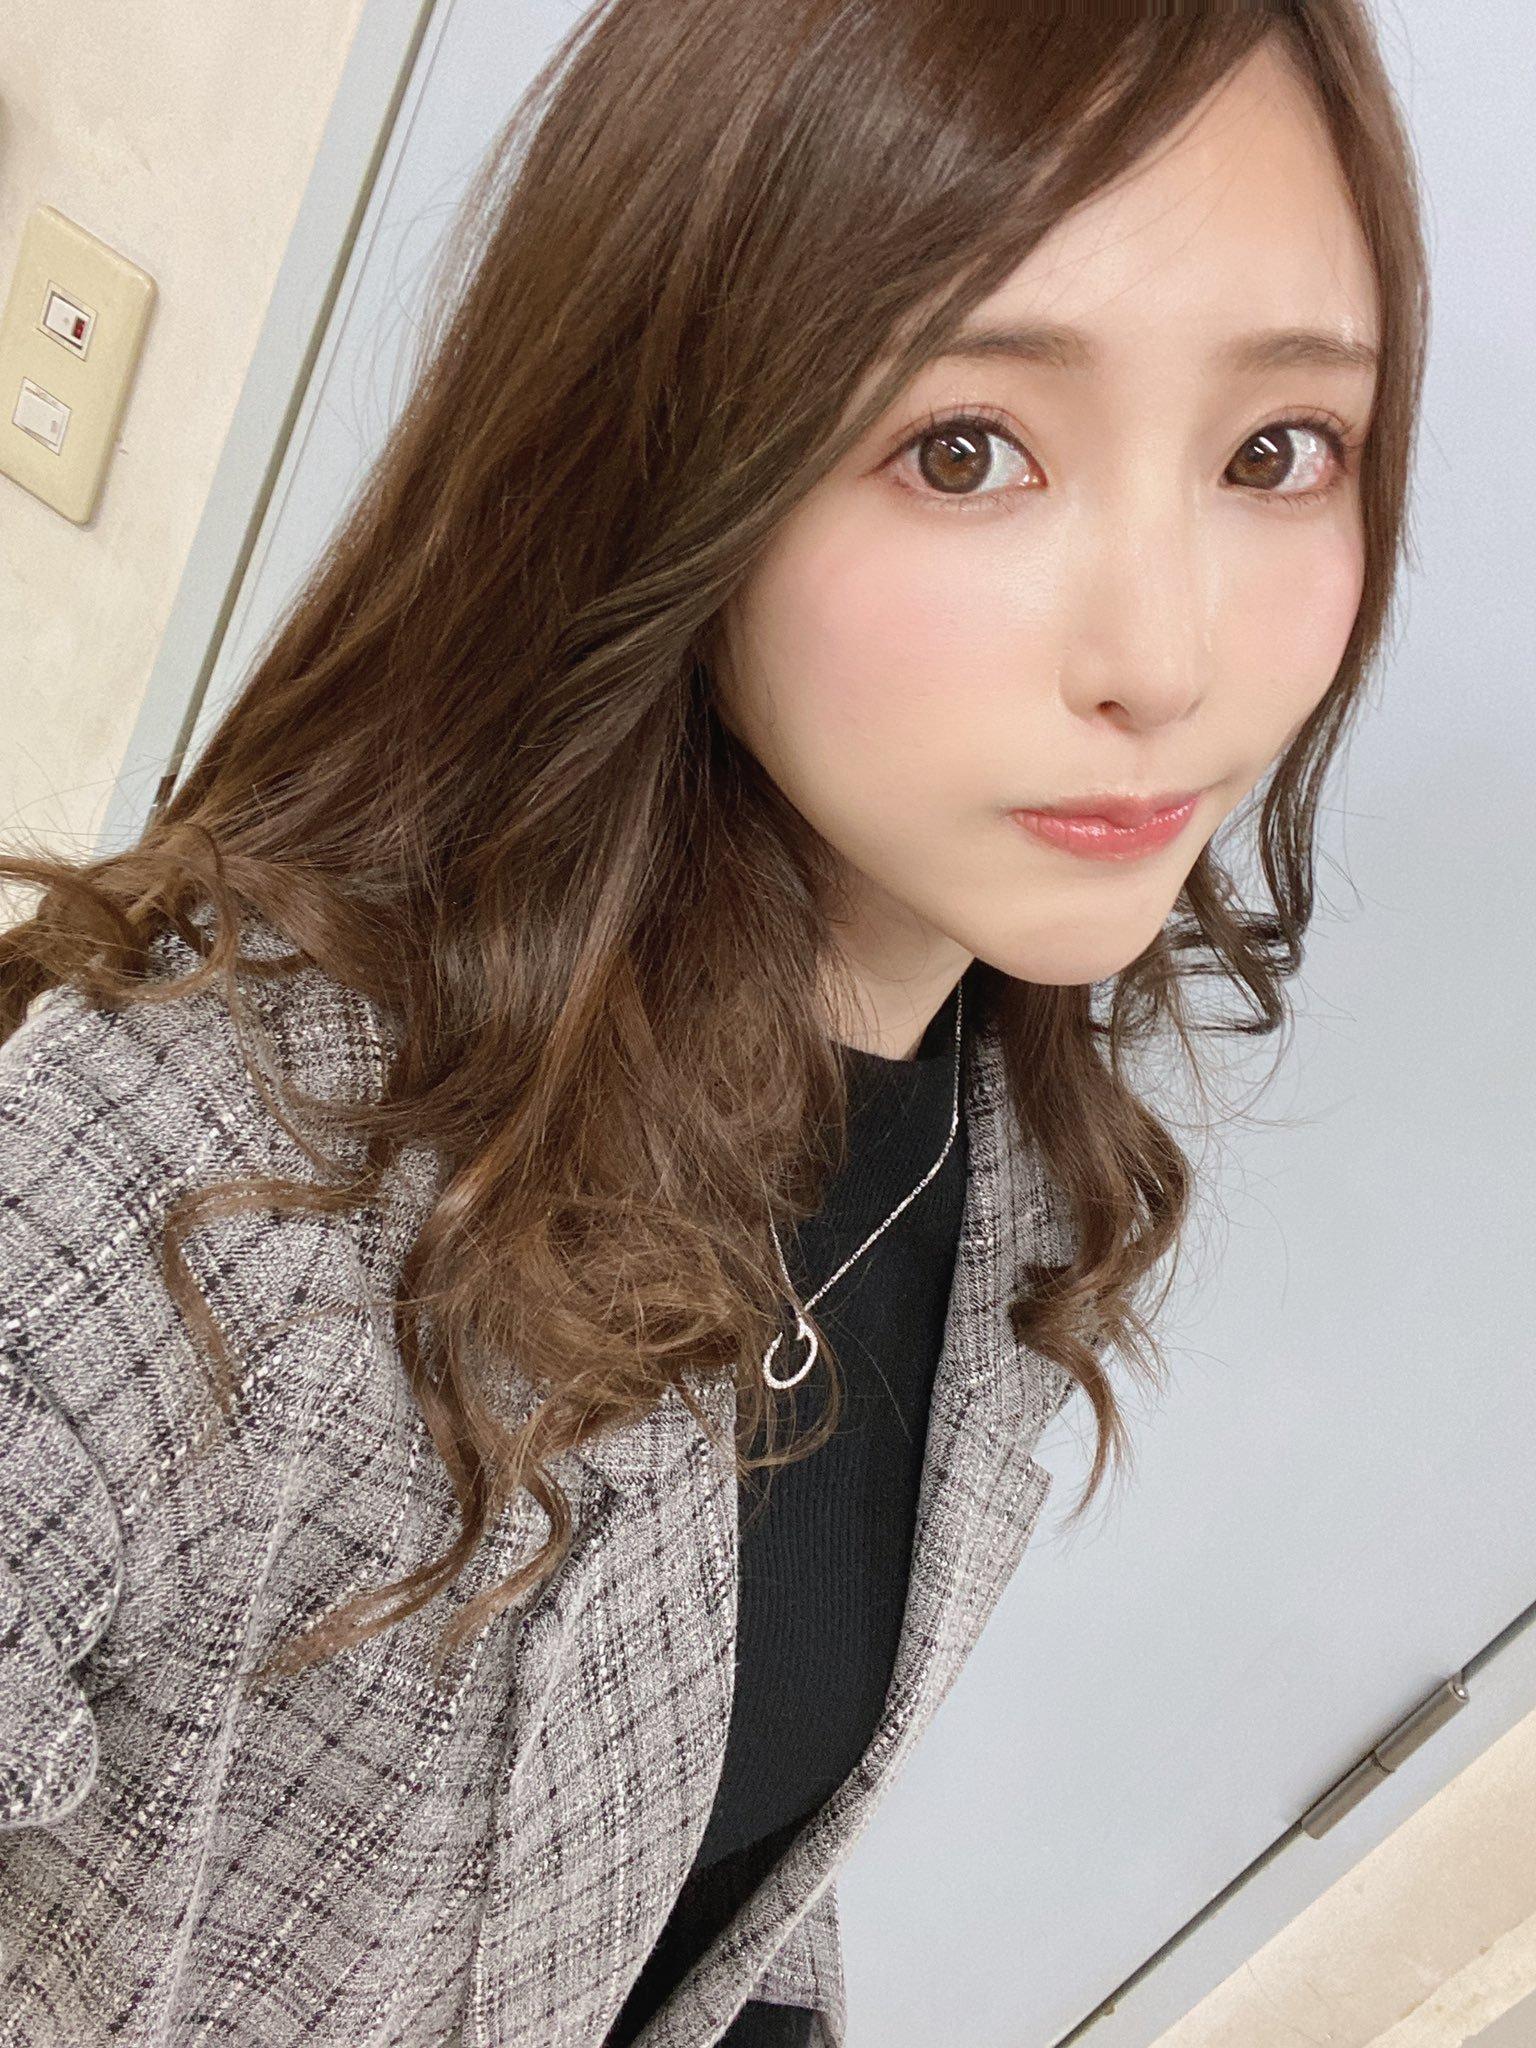 内衣写真 No.7